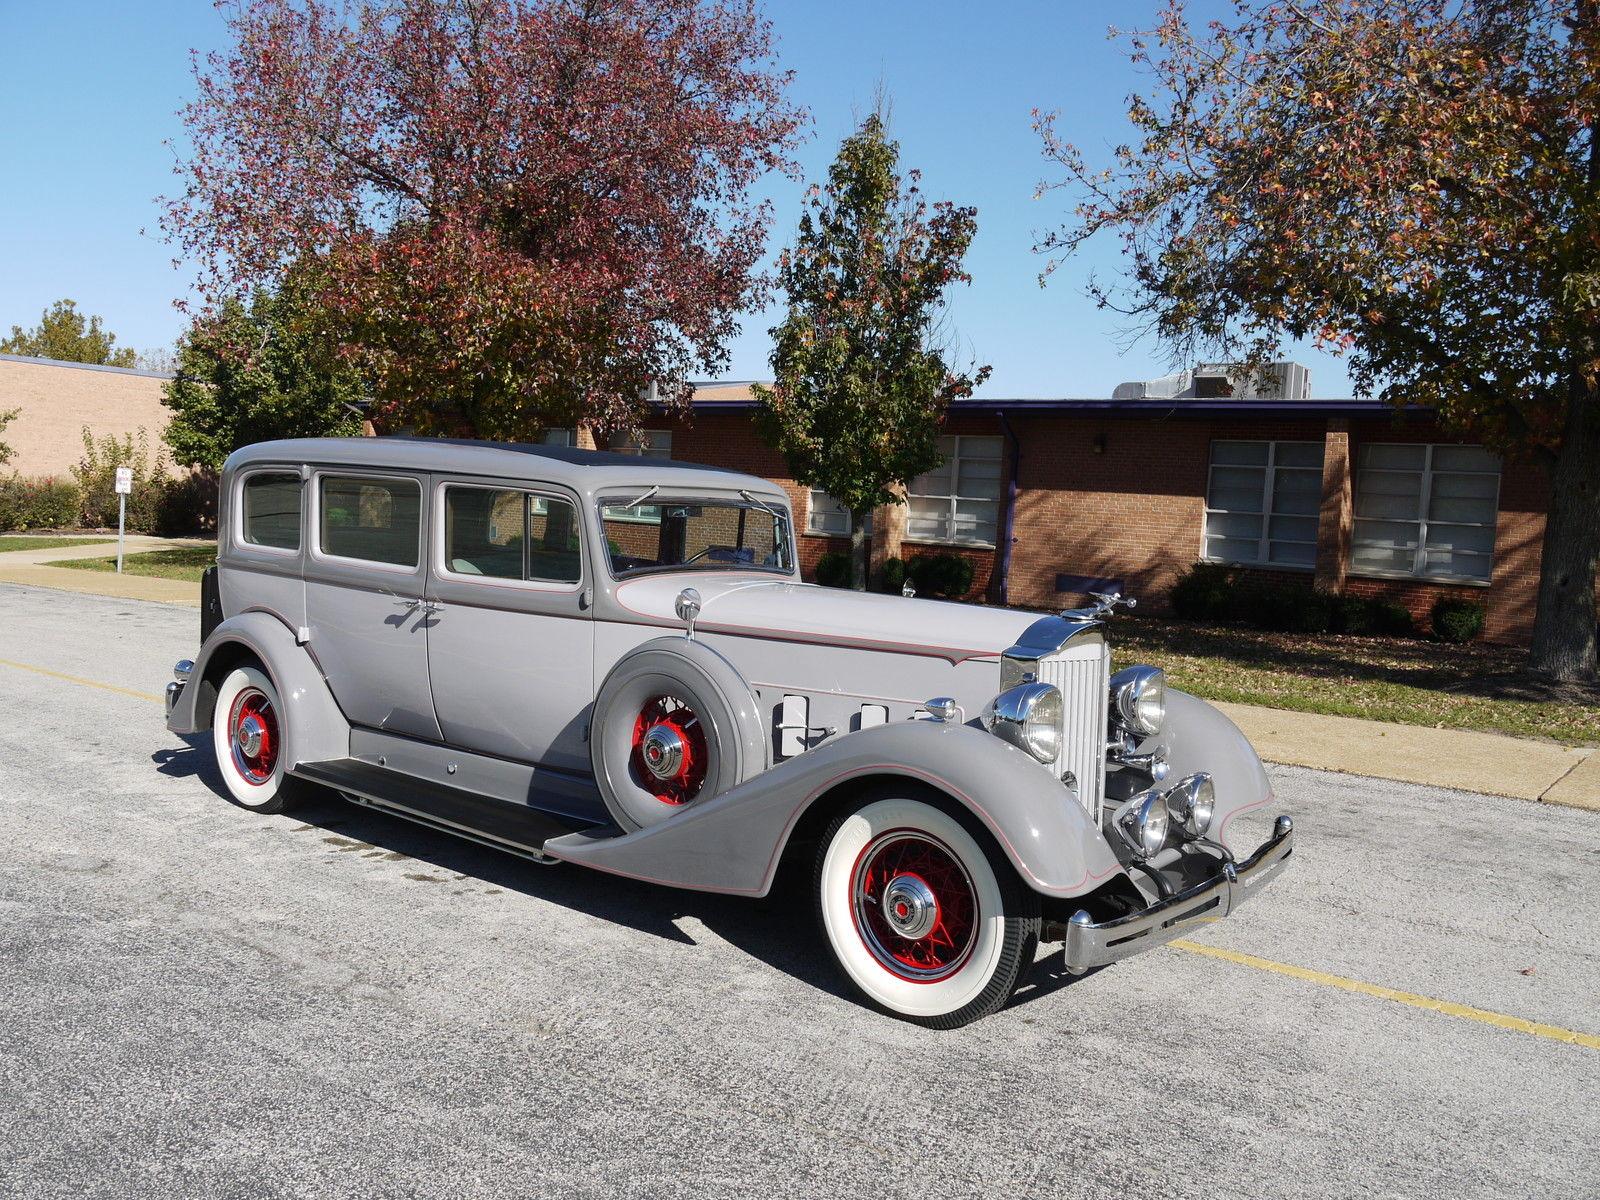 1934 Packard Super Eight 7 Passenger Sedan Classic